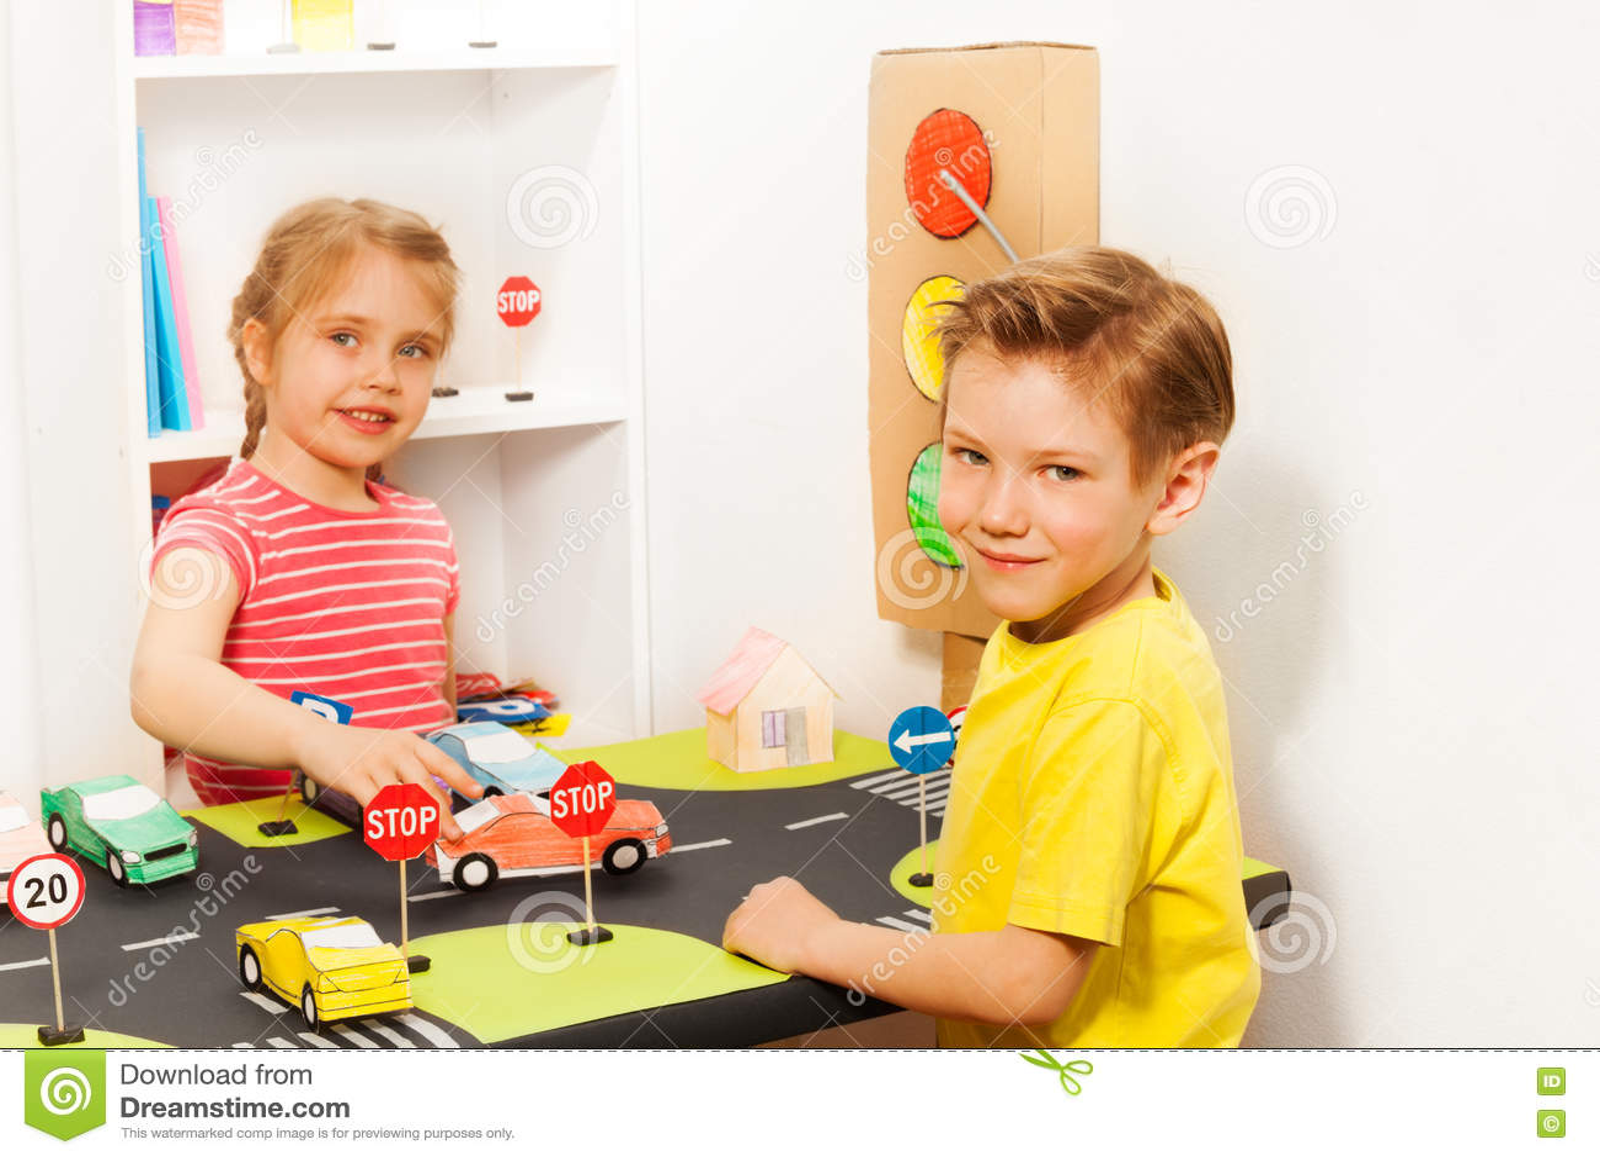 Toys For Boys Kindergarten : Kindergarten road safety worksheets health